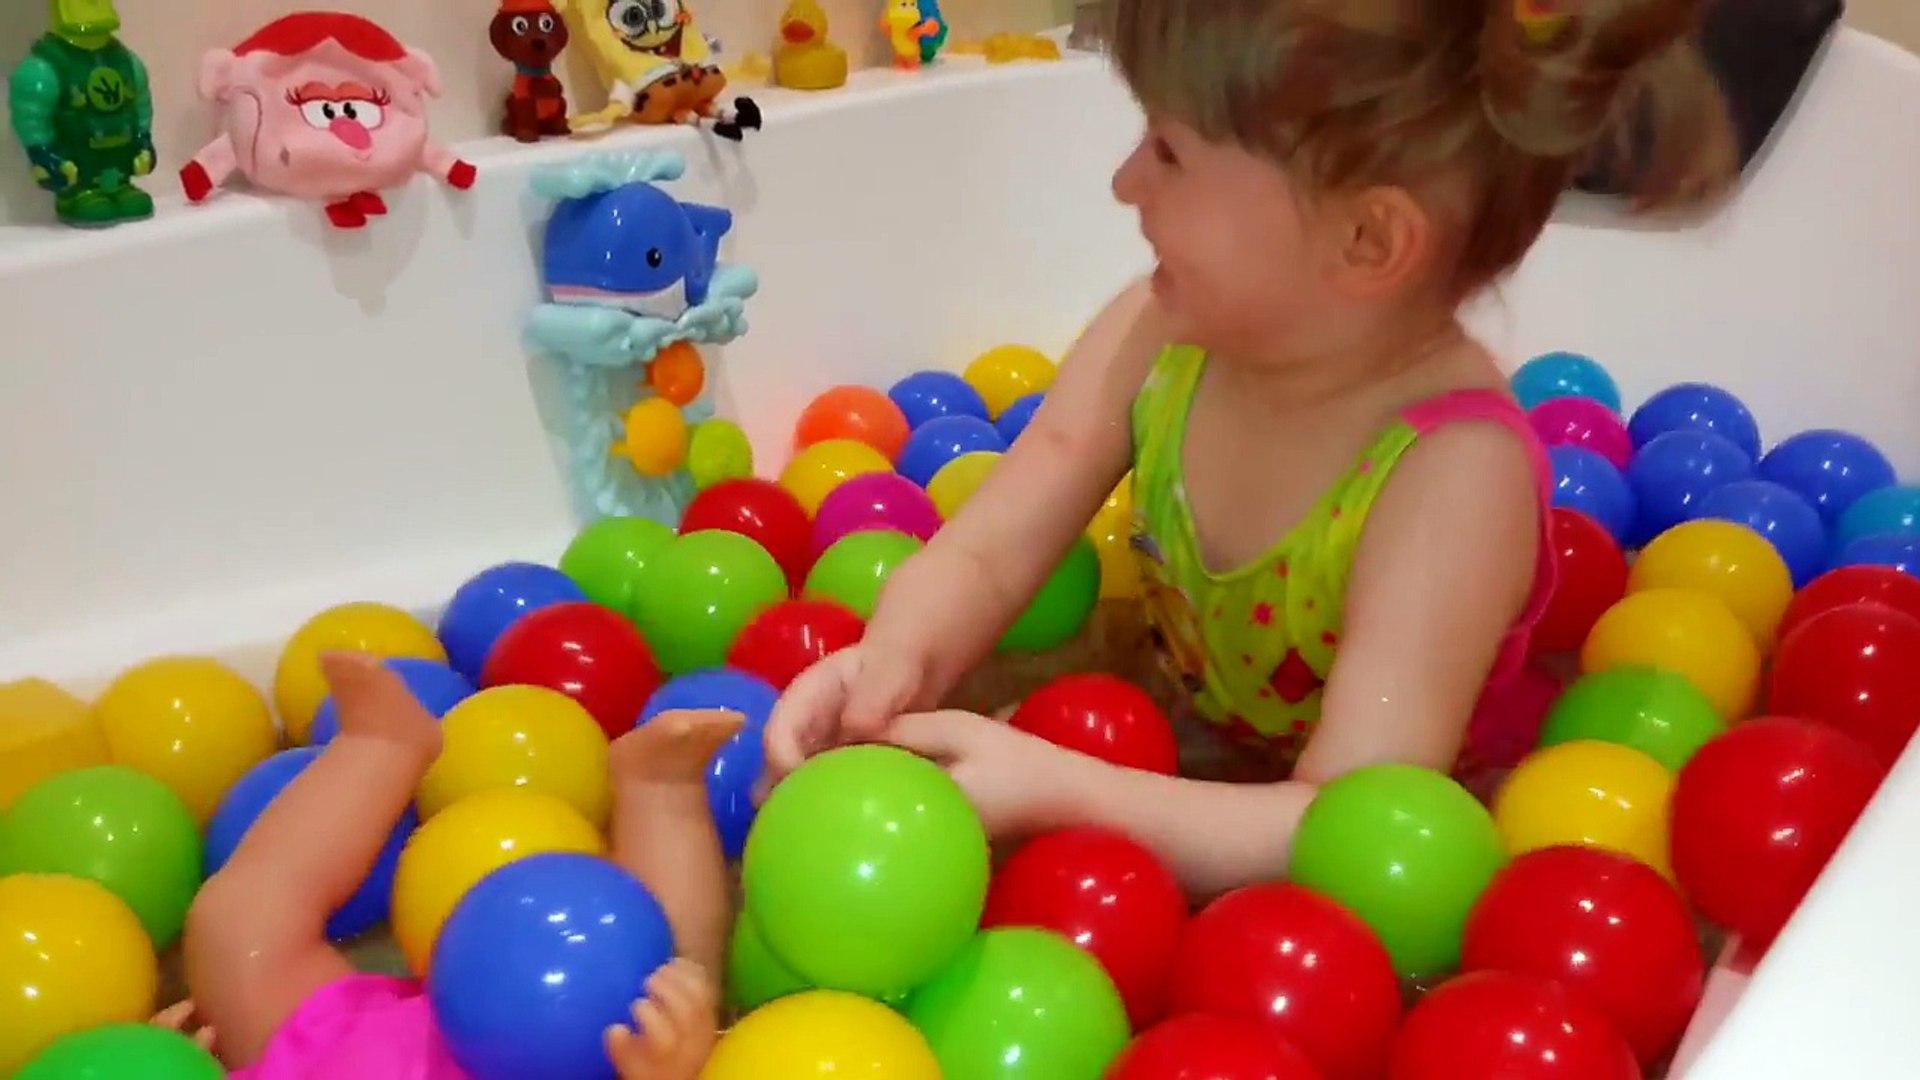 Купаемся в Шариках с Куклой Беби Борн Games for bath balls Ванна с пенной Играем с куклой Беби Борн